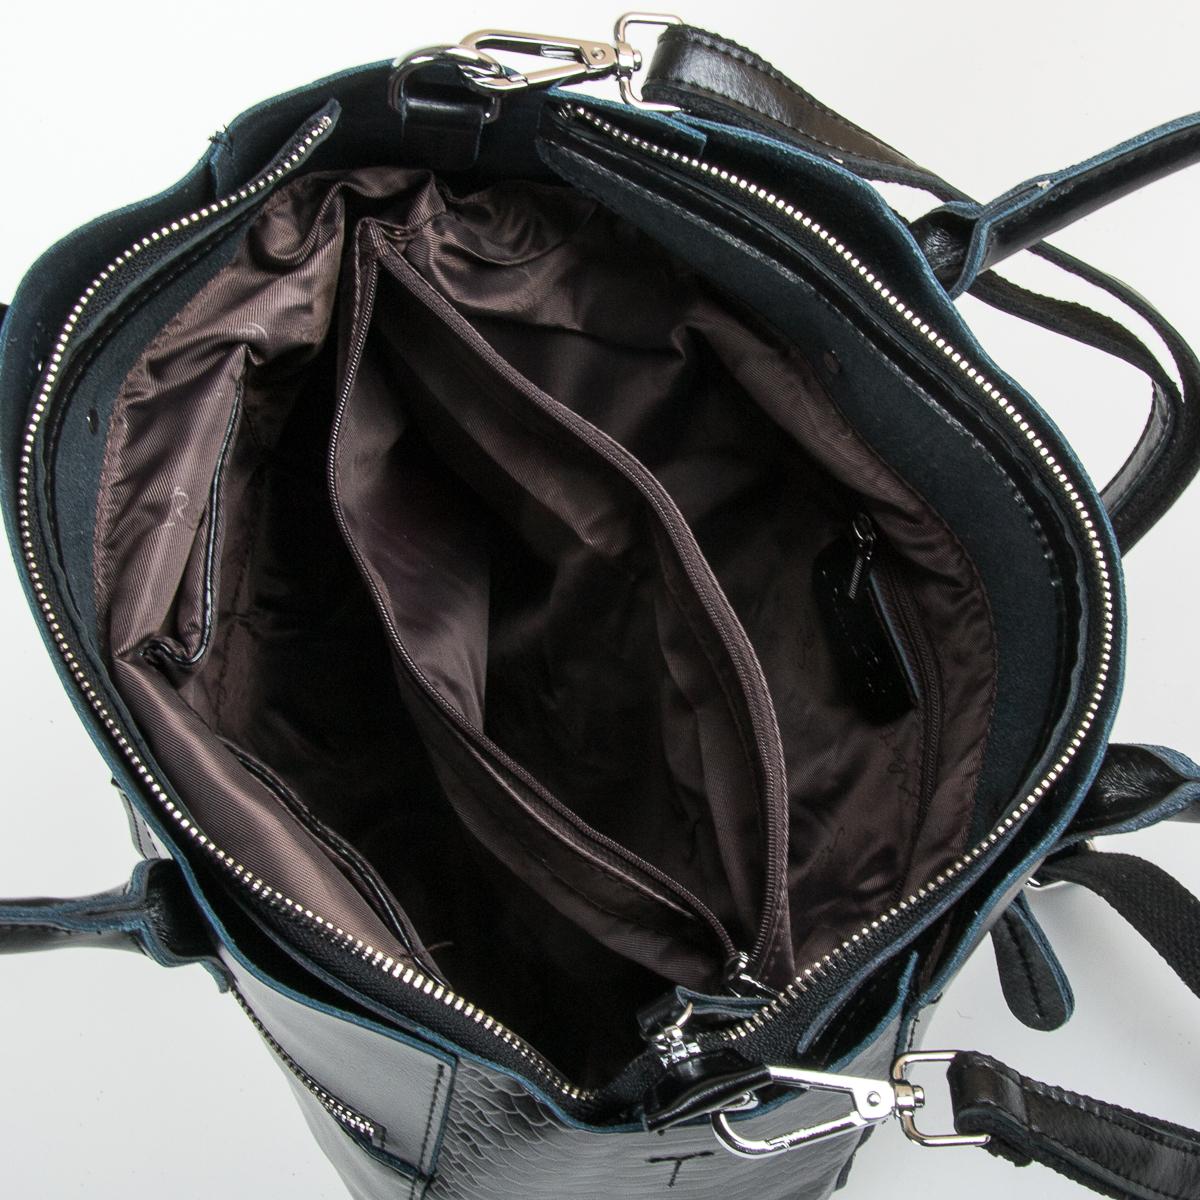 Сумка Женская Классическая кожа ALEX RAI 9-01 8713-12 black - фото 5